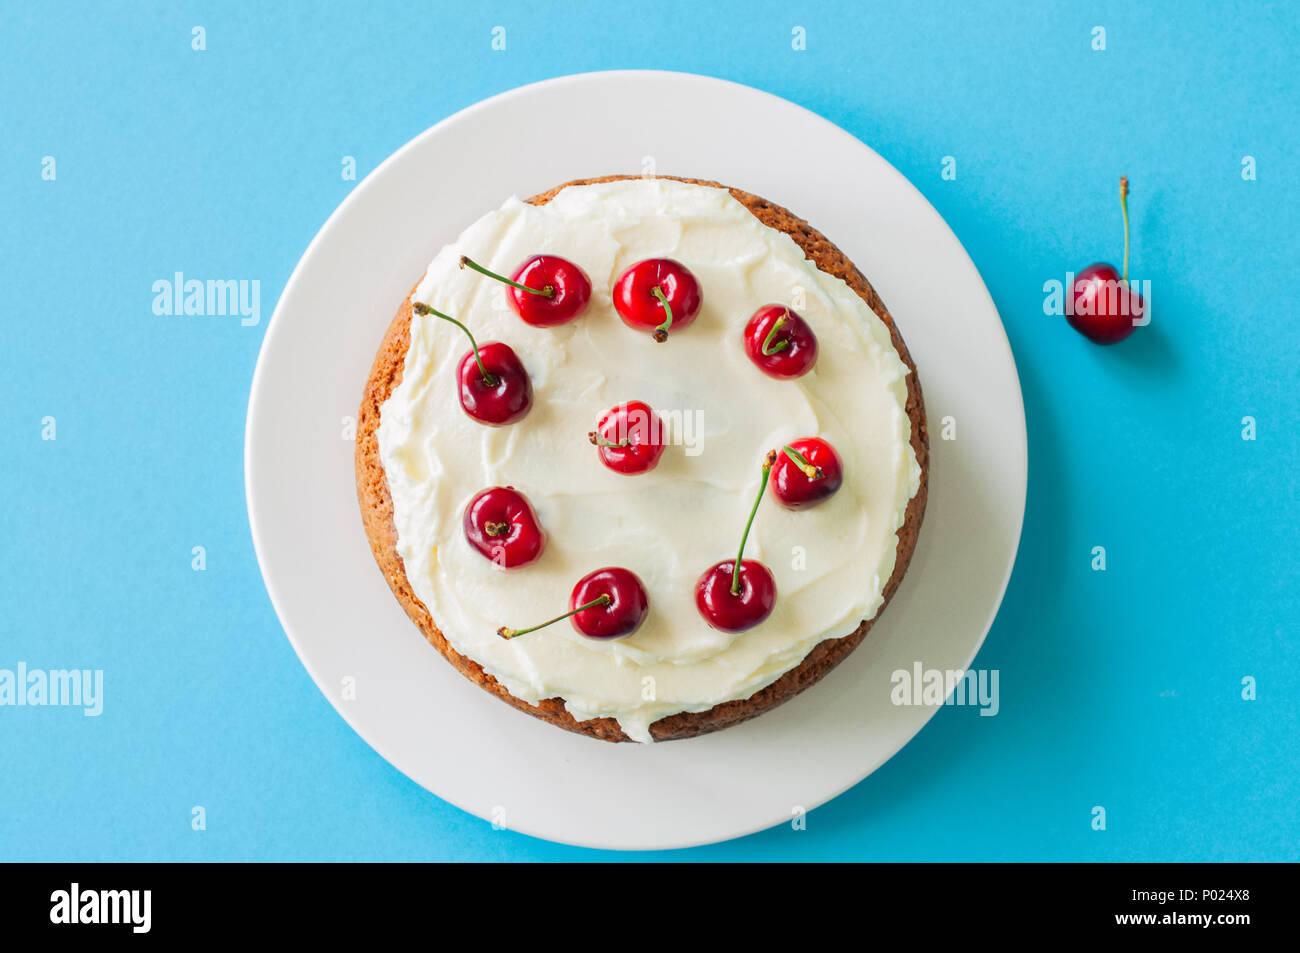 Hausgemachte Saure Sahne Torte Mit Frischkase Frosting Mit Frischen